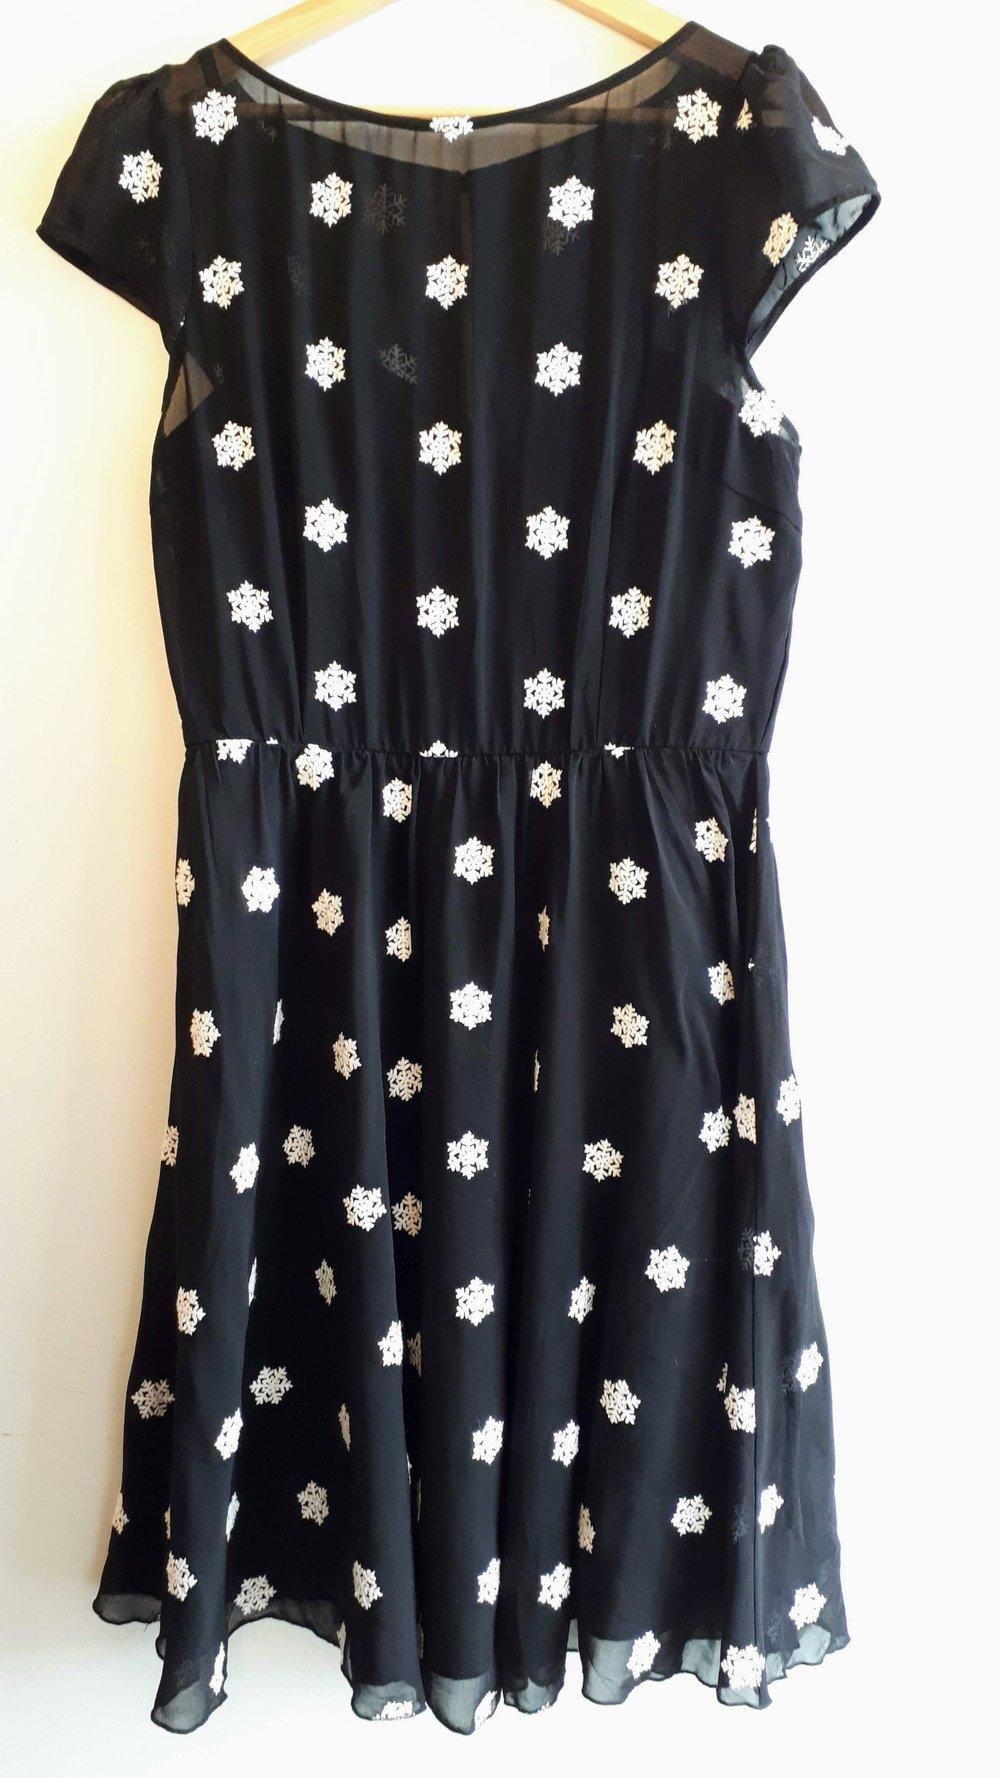 Voodoo Vixen dress; Size L, $58